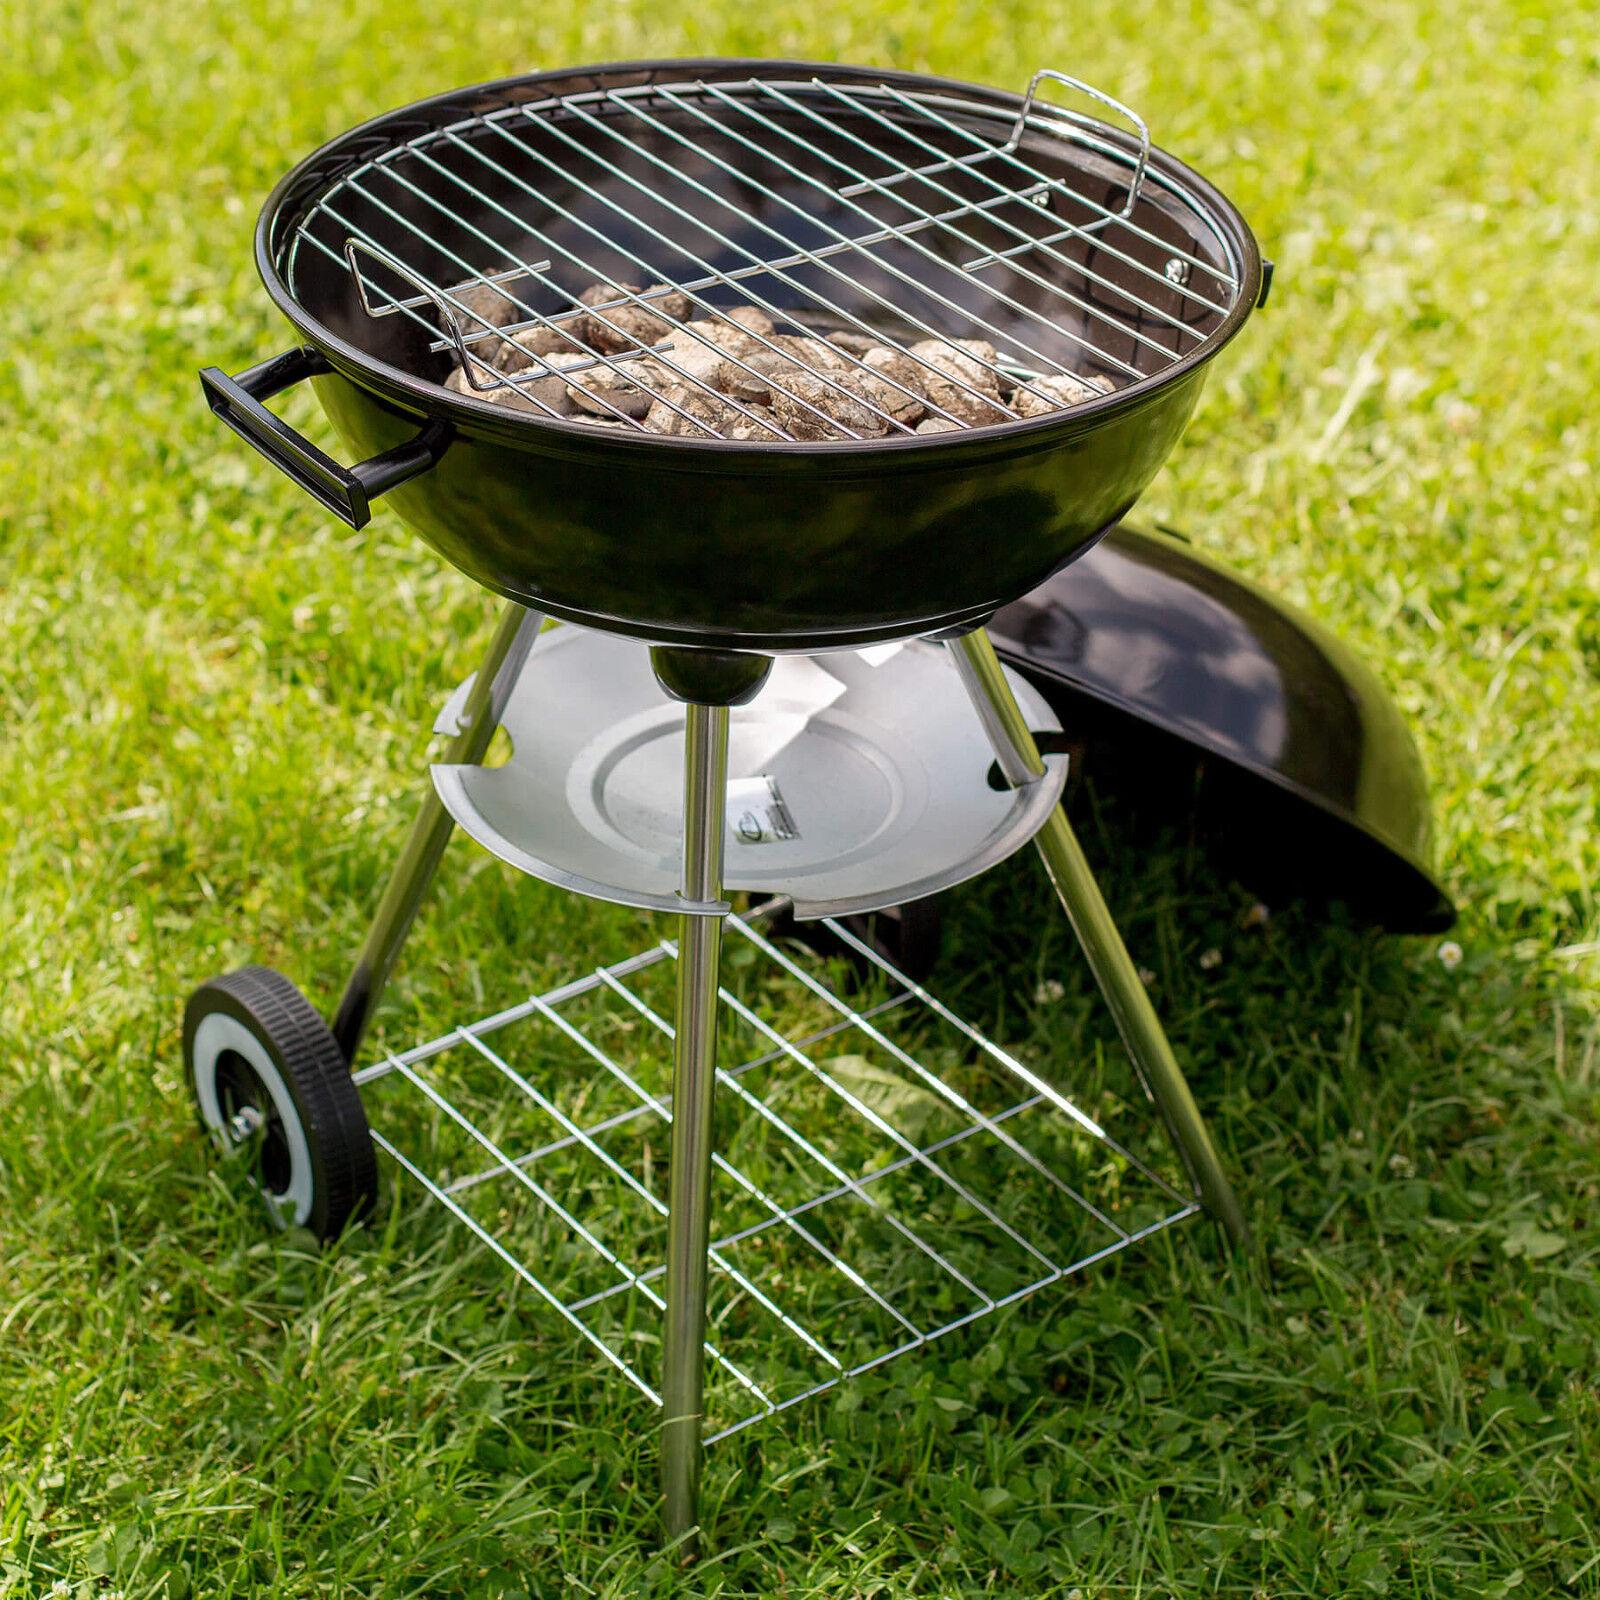 kugelgrill holzkohlegrill standgrill grill grillwagen rundgrill bbq mit rollen eur 25 99. Black Bedroom Furniture Sets. Home Design Ideas